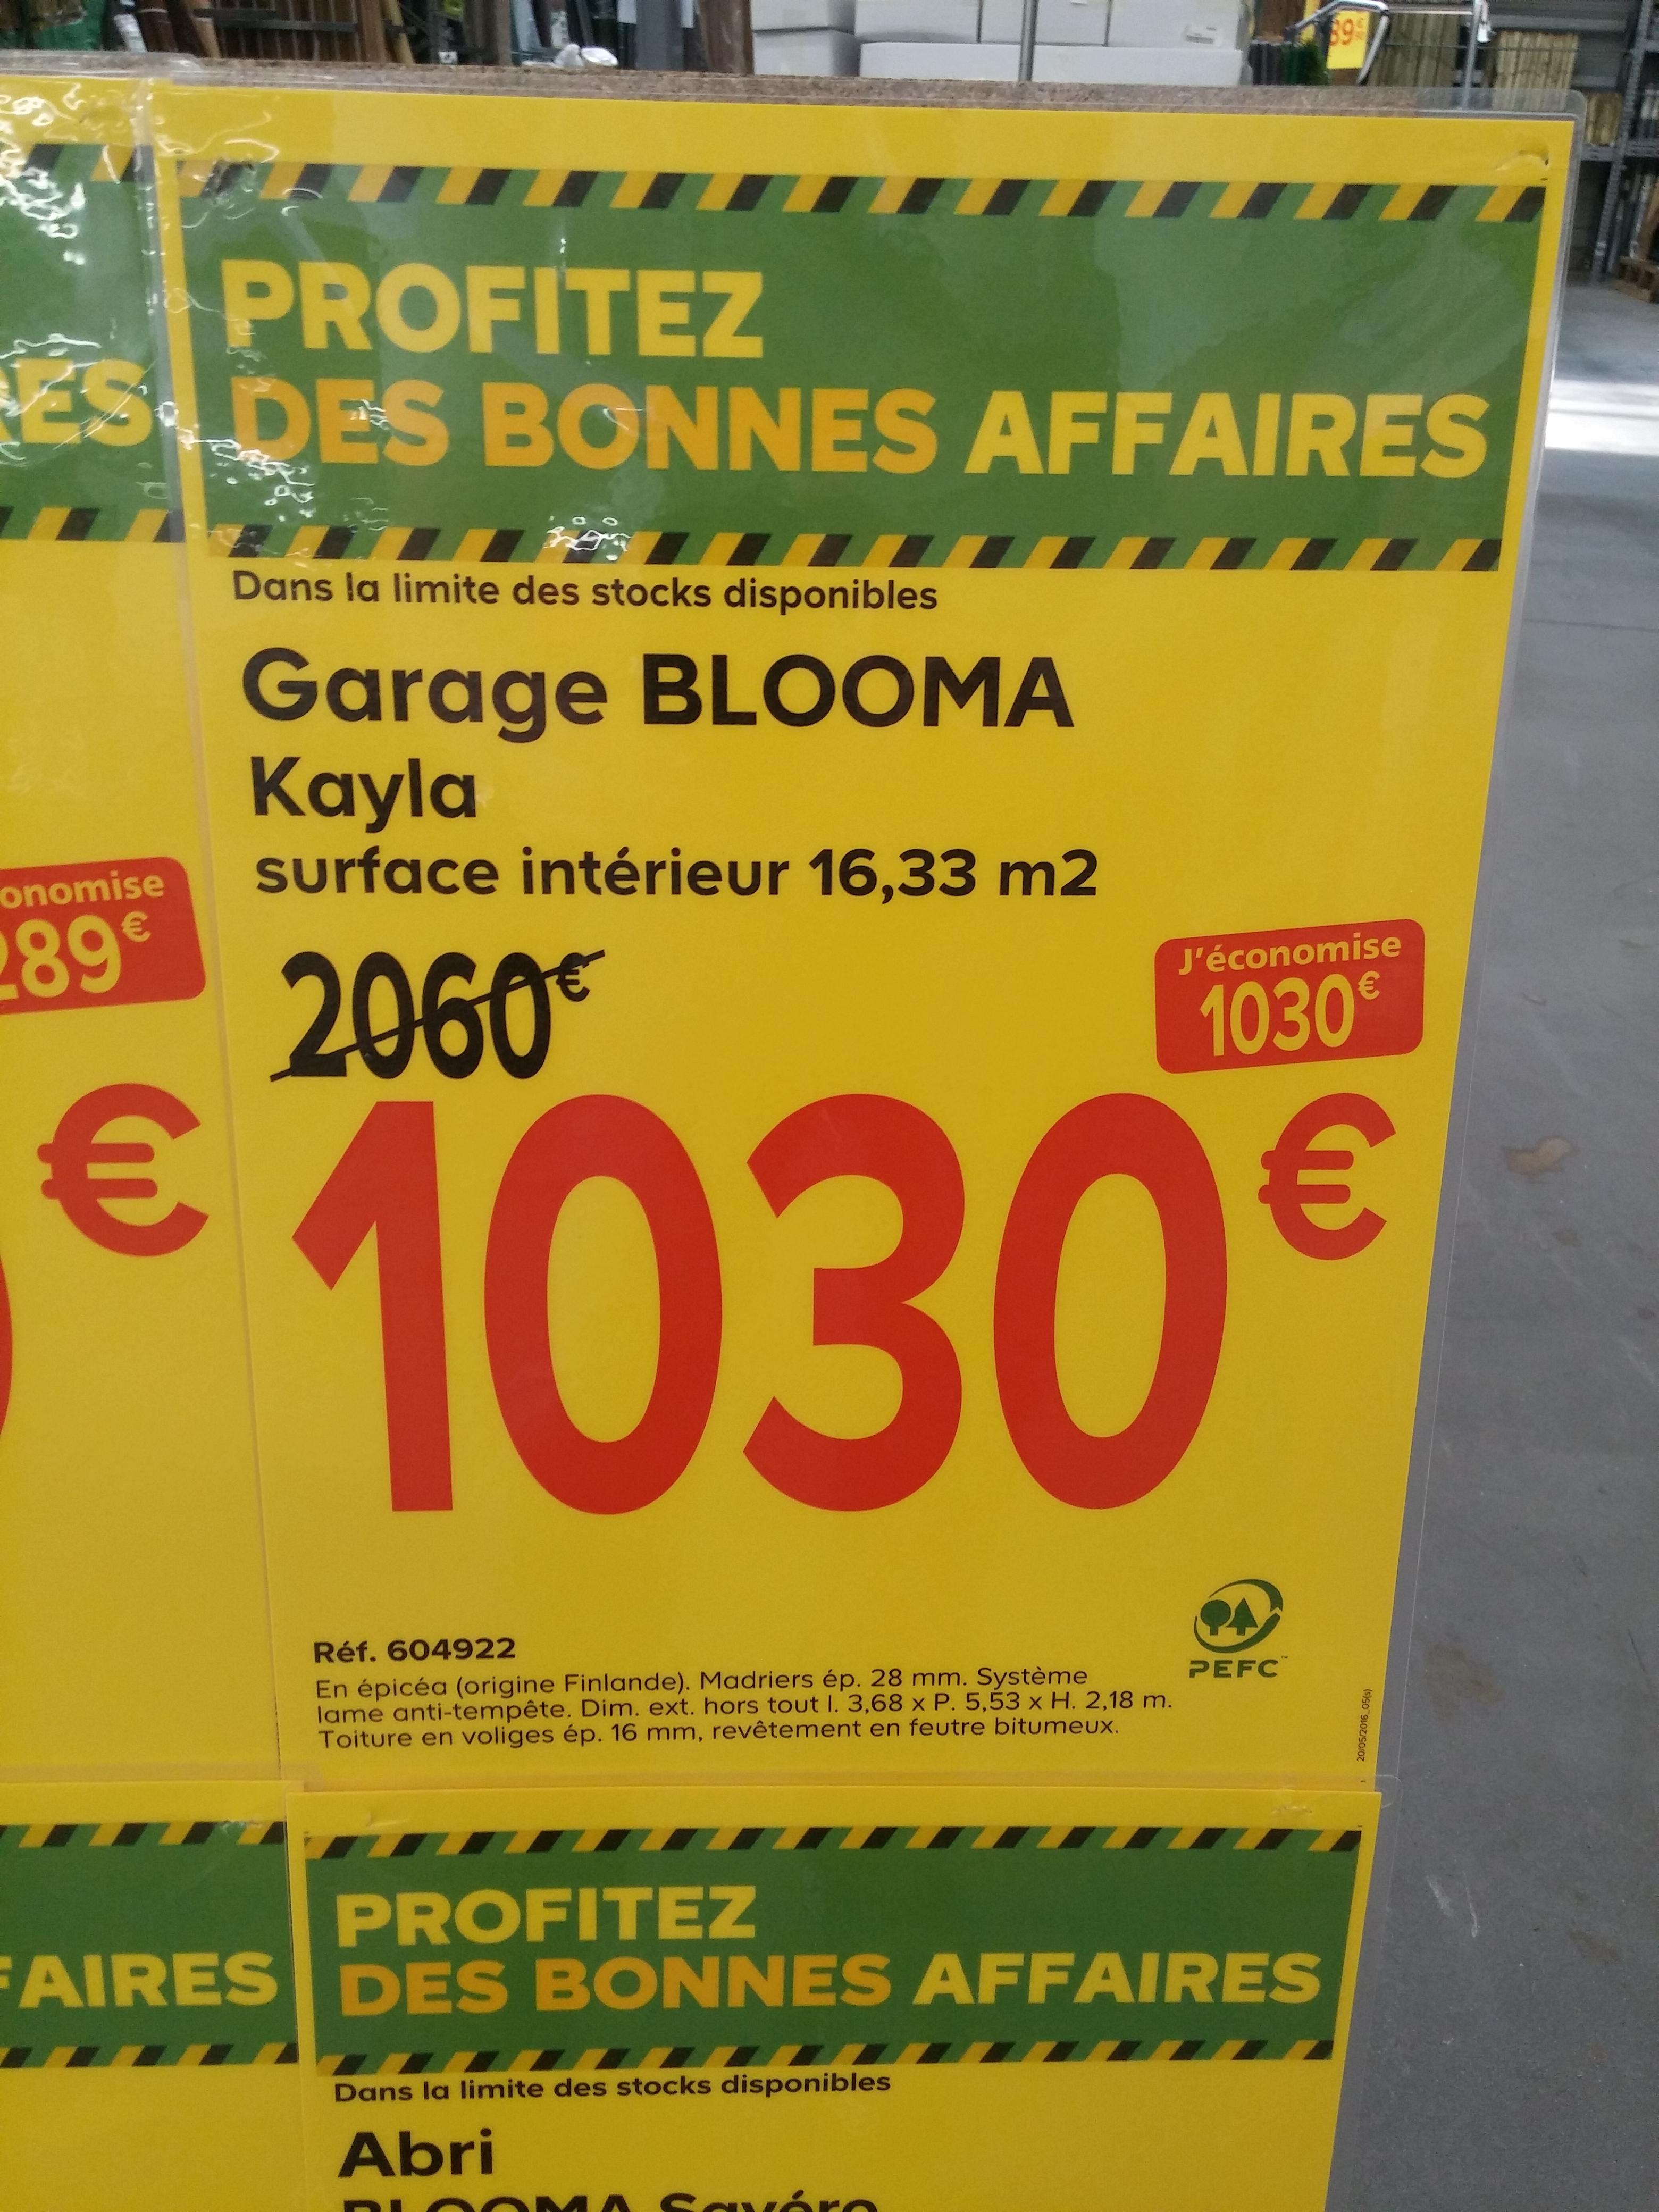 Sélection d'articles en promotion - Ex: Garage Kayla Blooma - Surface intérieure de 16,33 m²